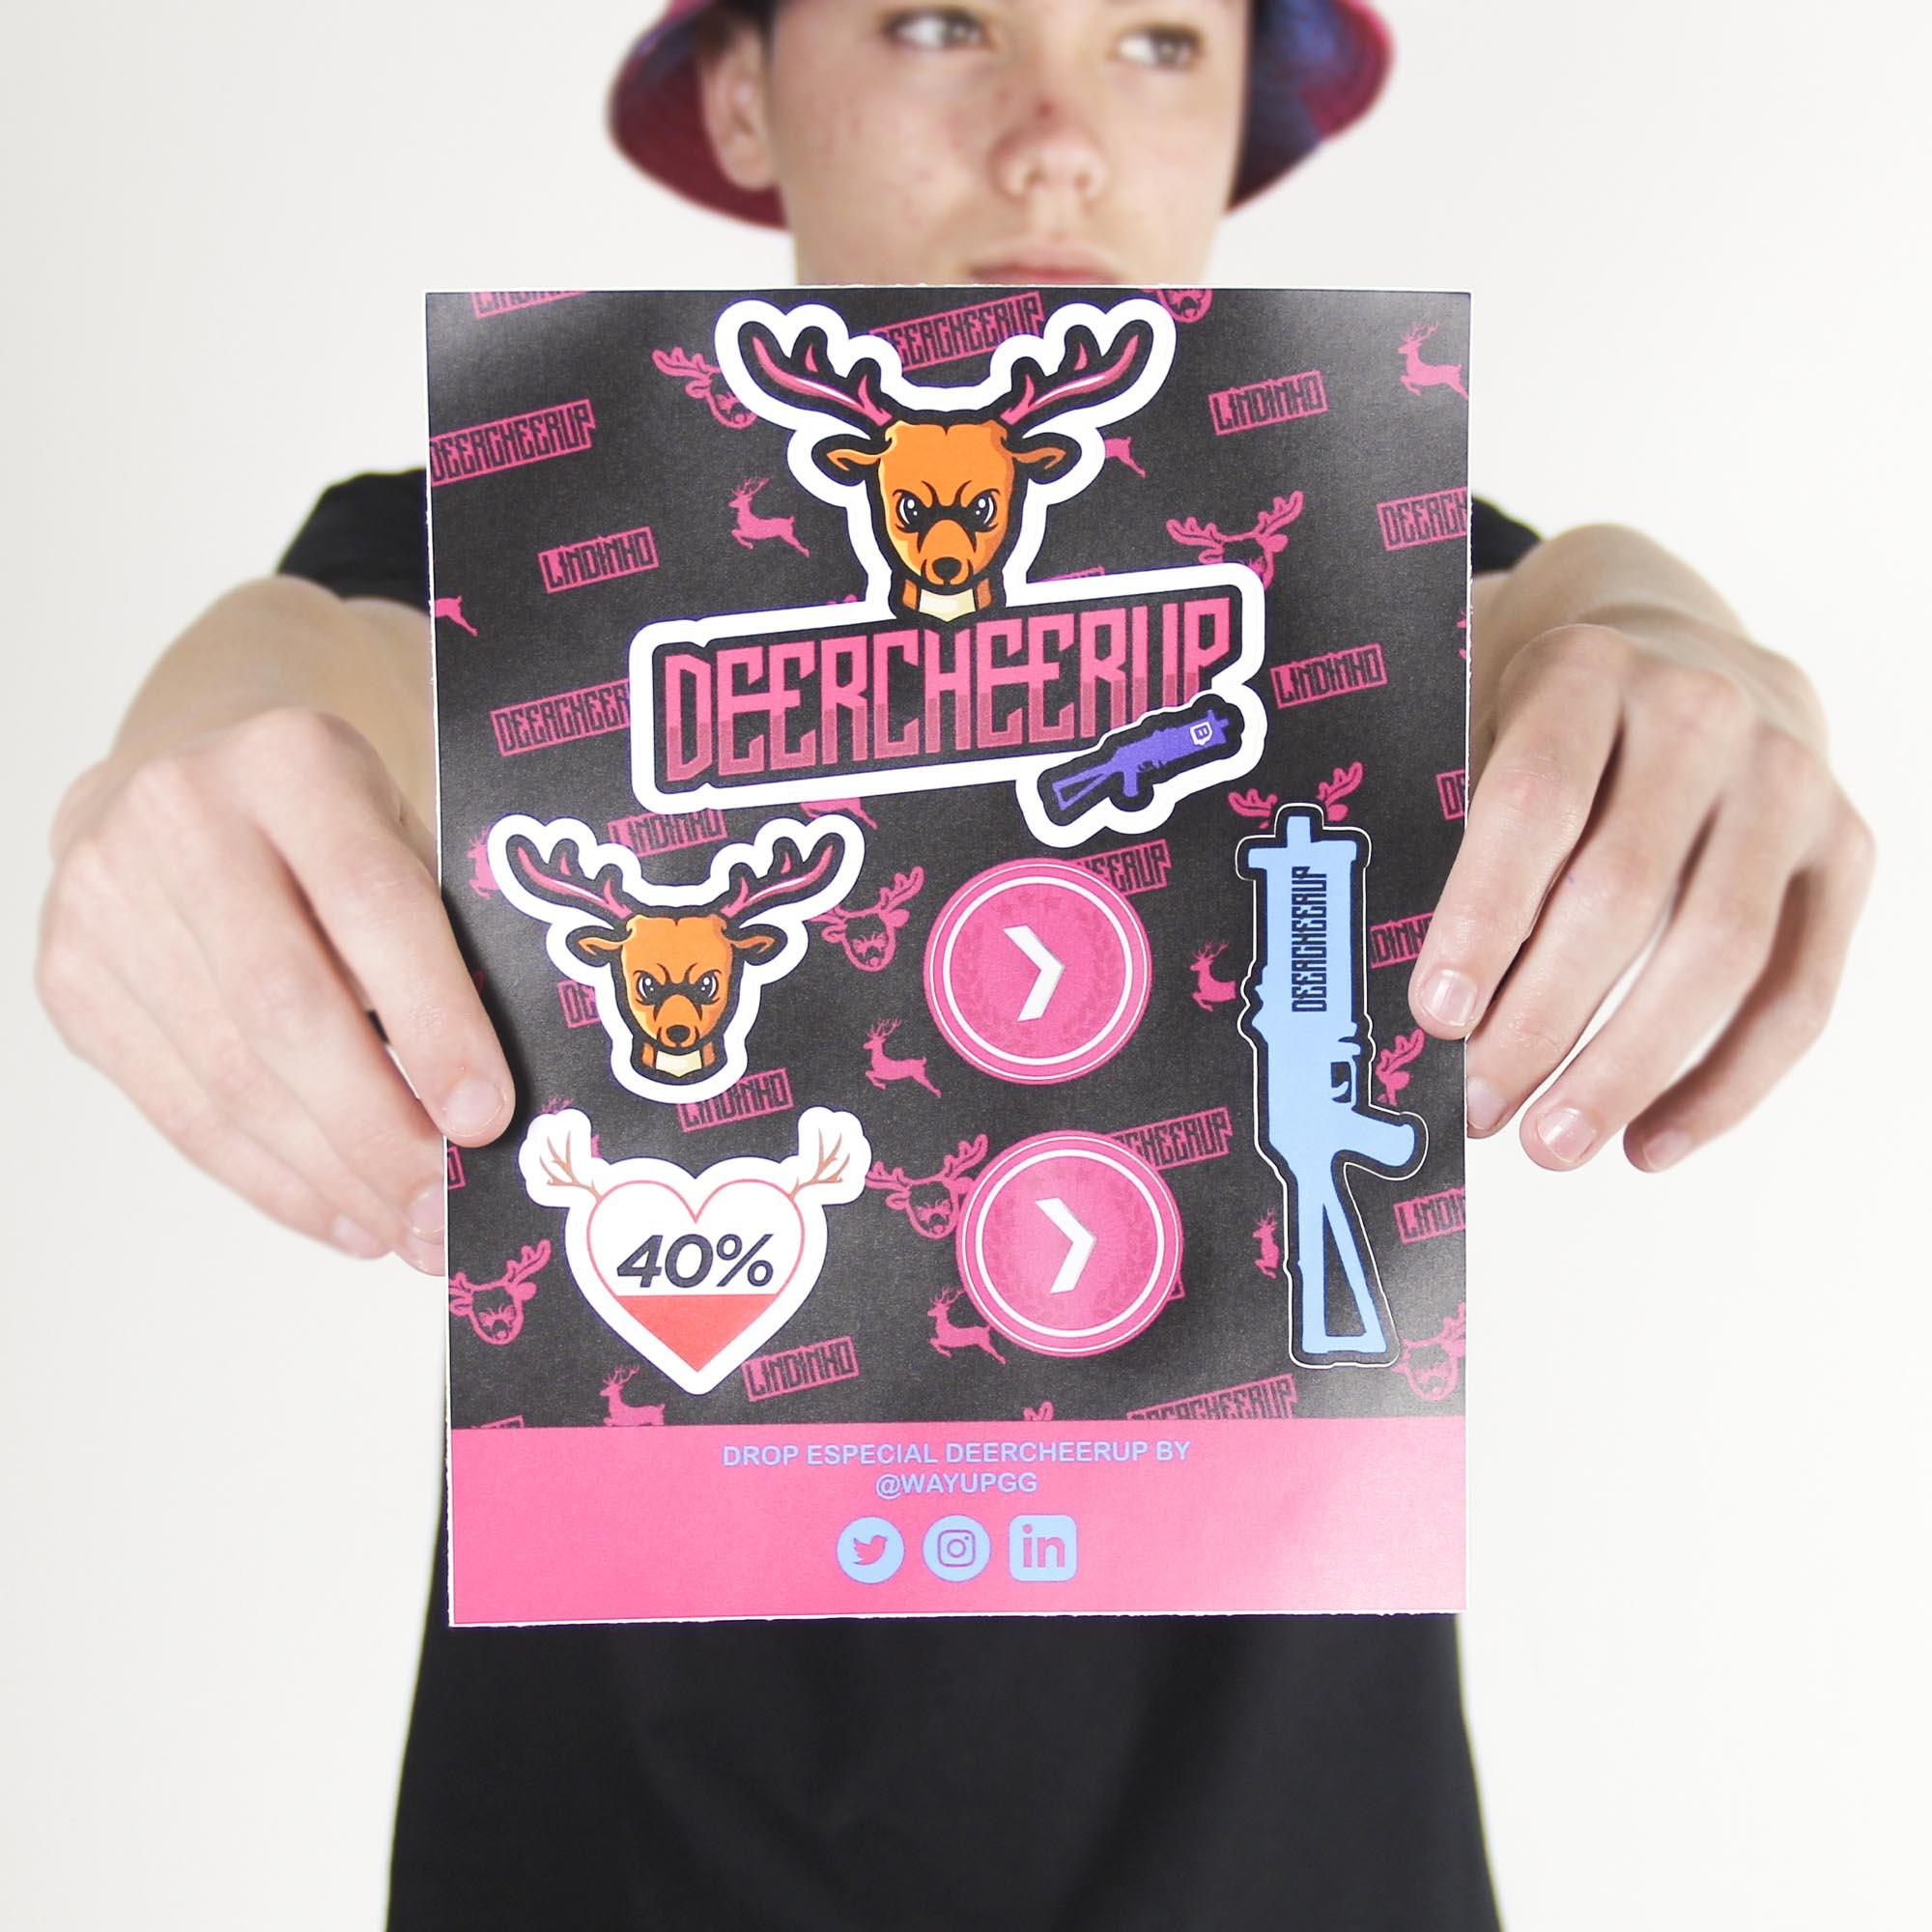 Cartela de Stickers Deercheerup Oficial #1